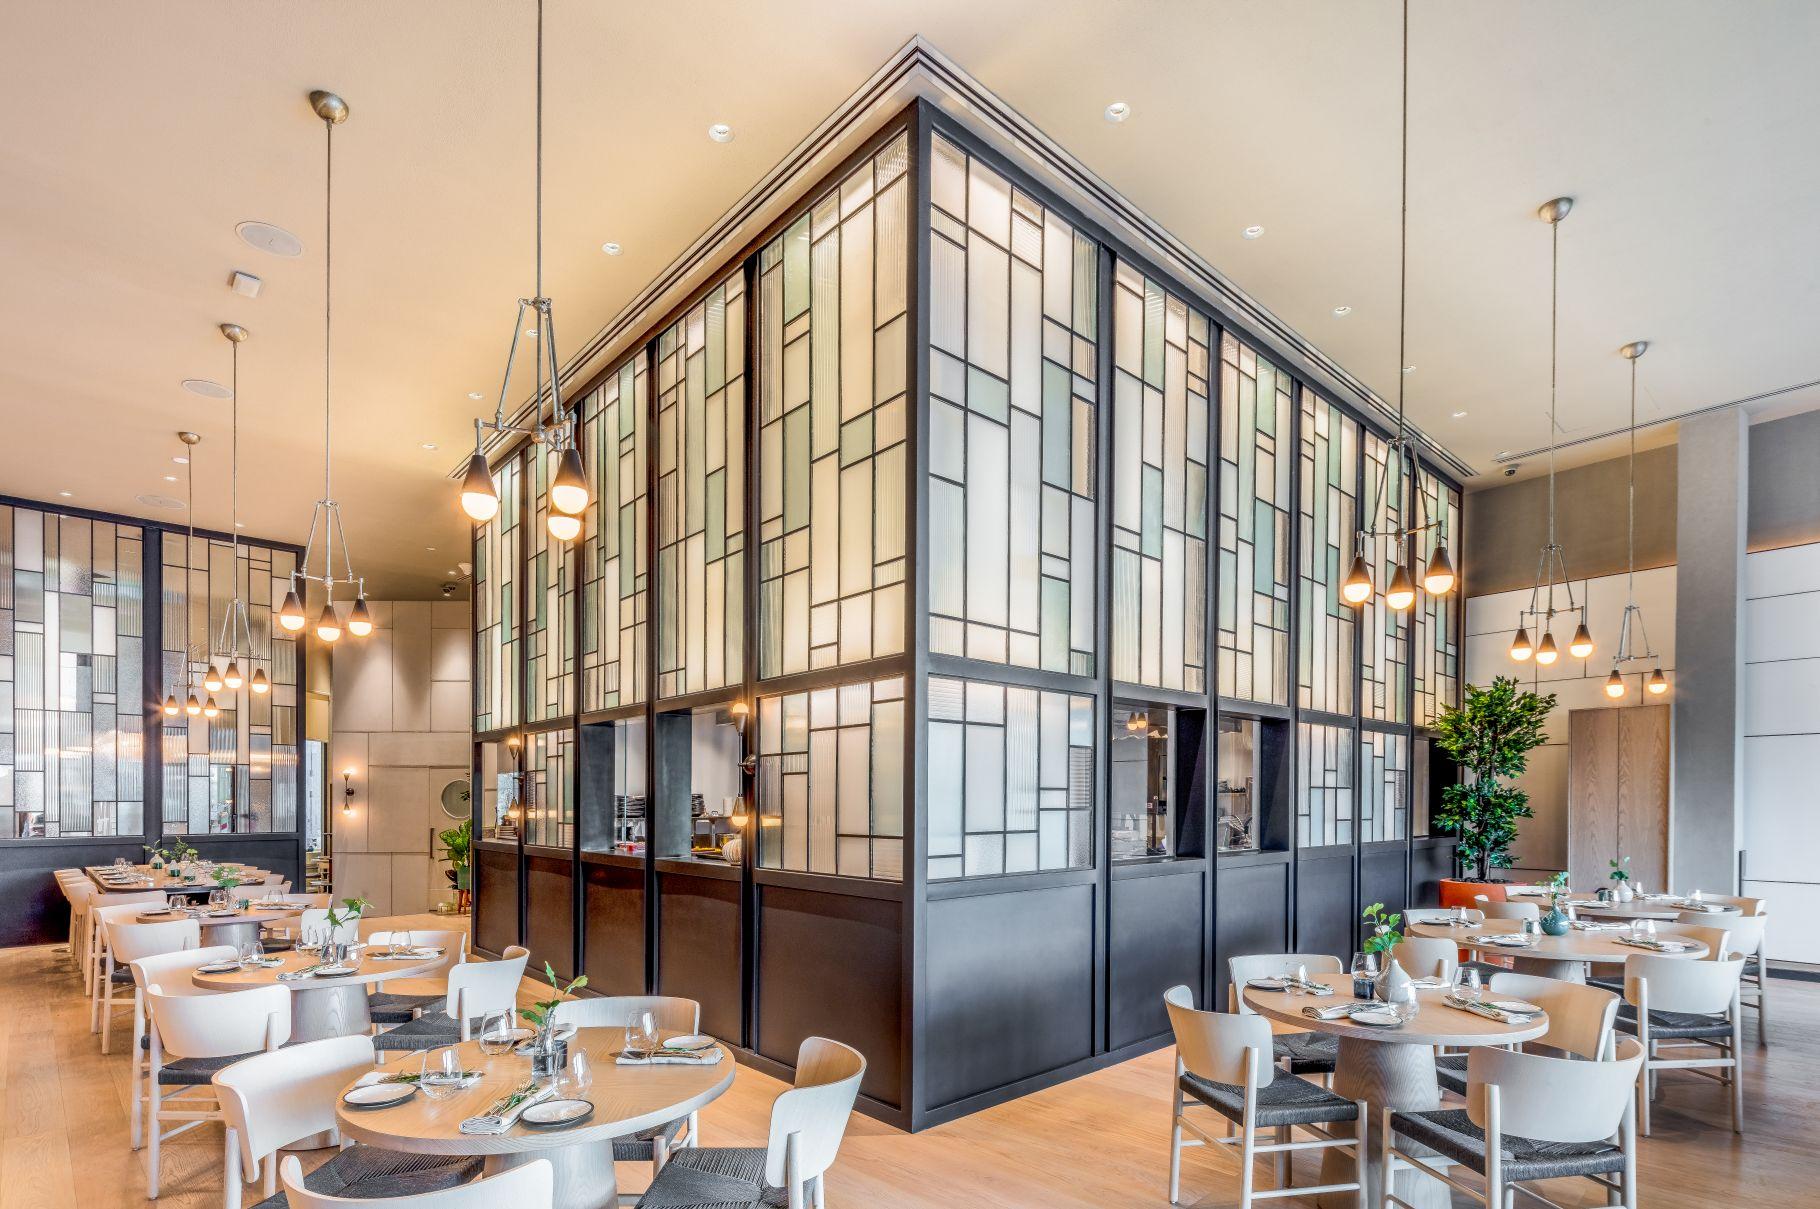 Restaurant designs gia ristorante dubai mall fashion for Blog interior design italia